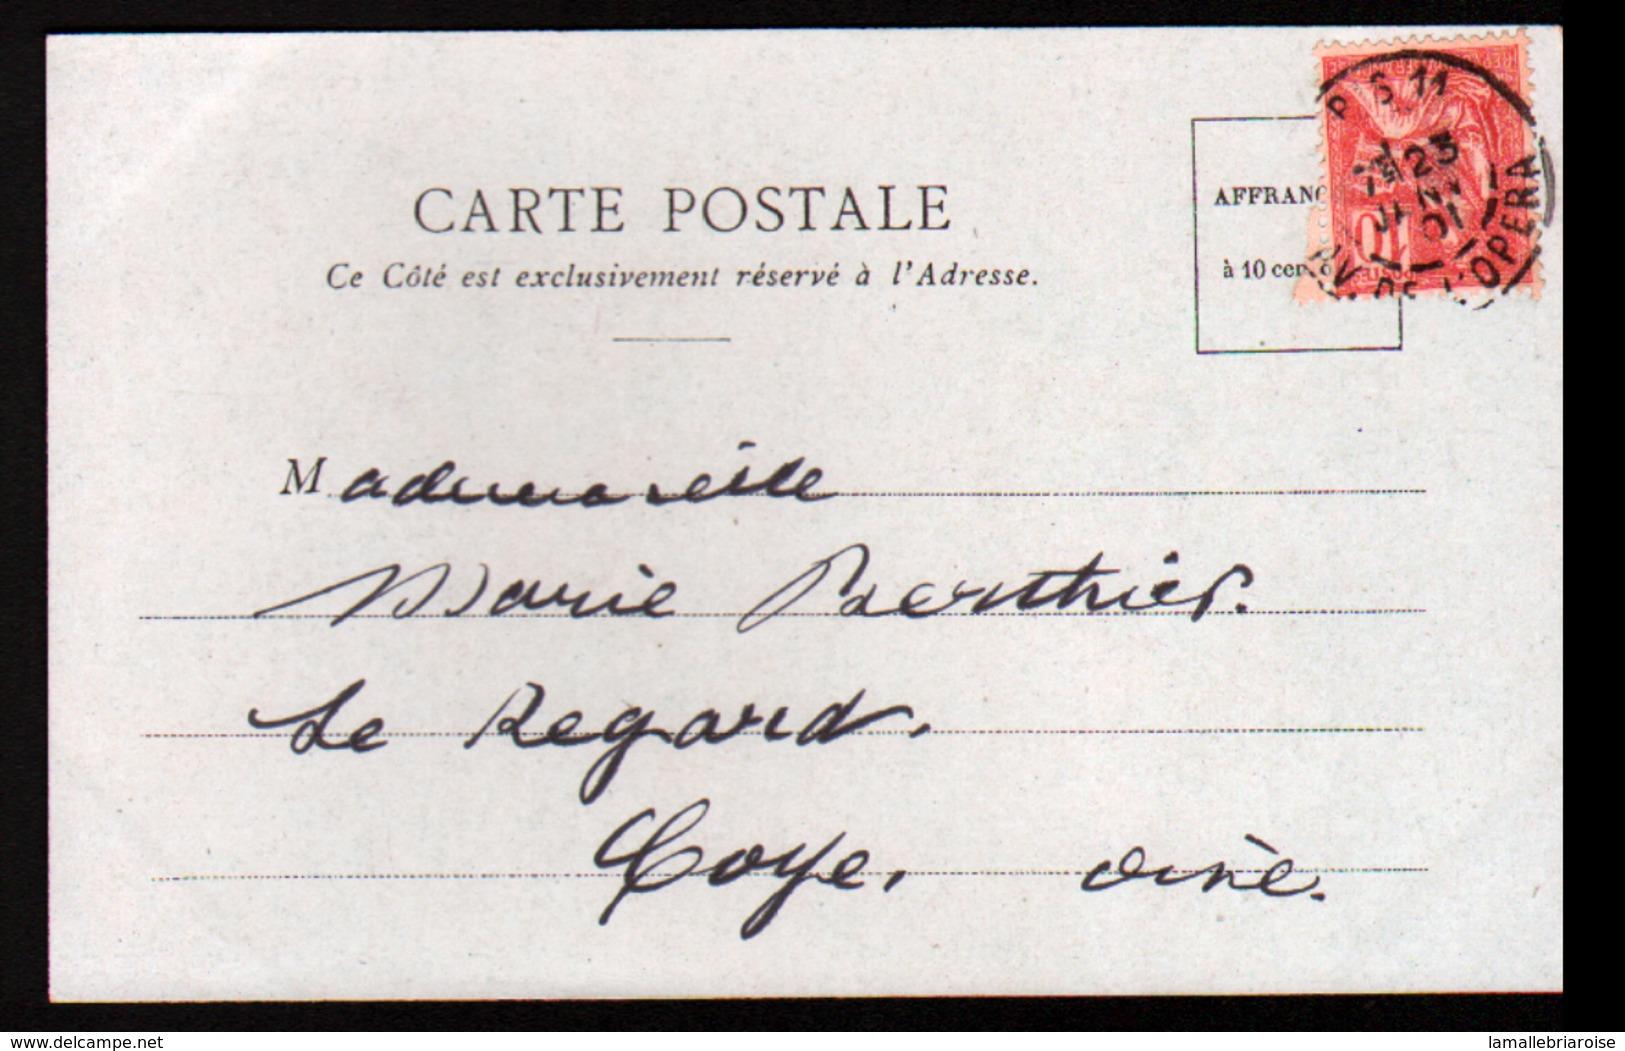 La Poste En Autriche - Postal Services